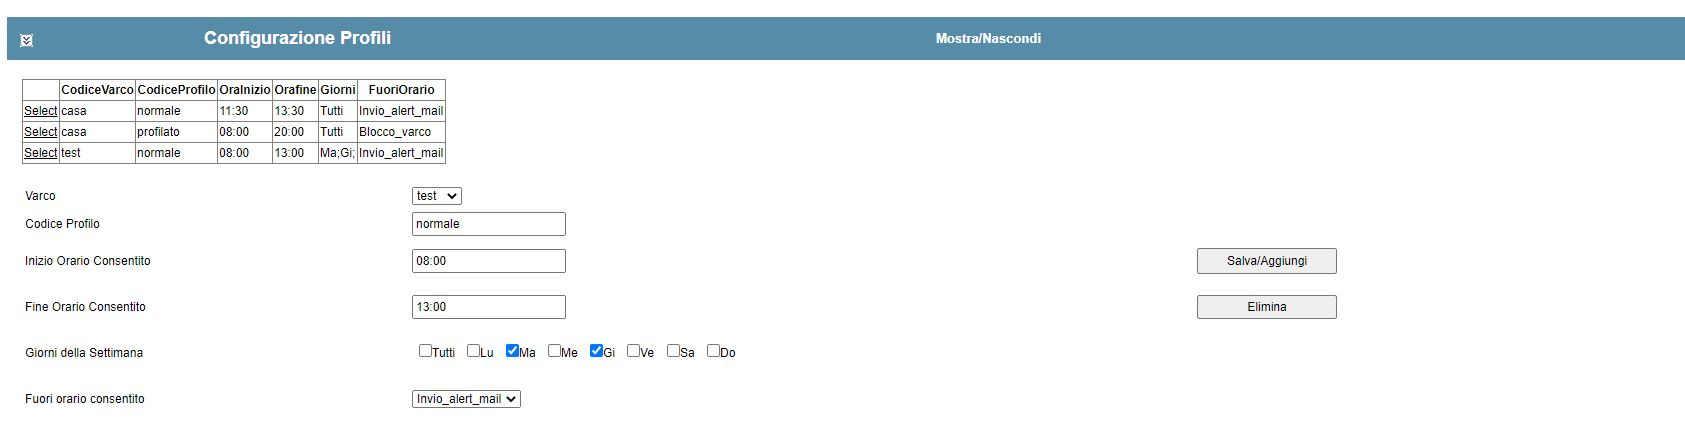 Guida-Controllo-Accessi-Gestione-Profili